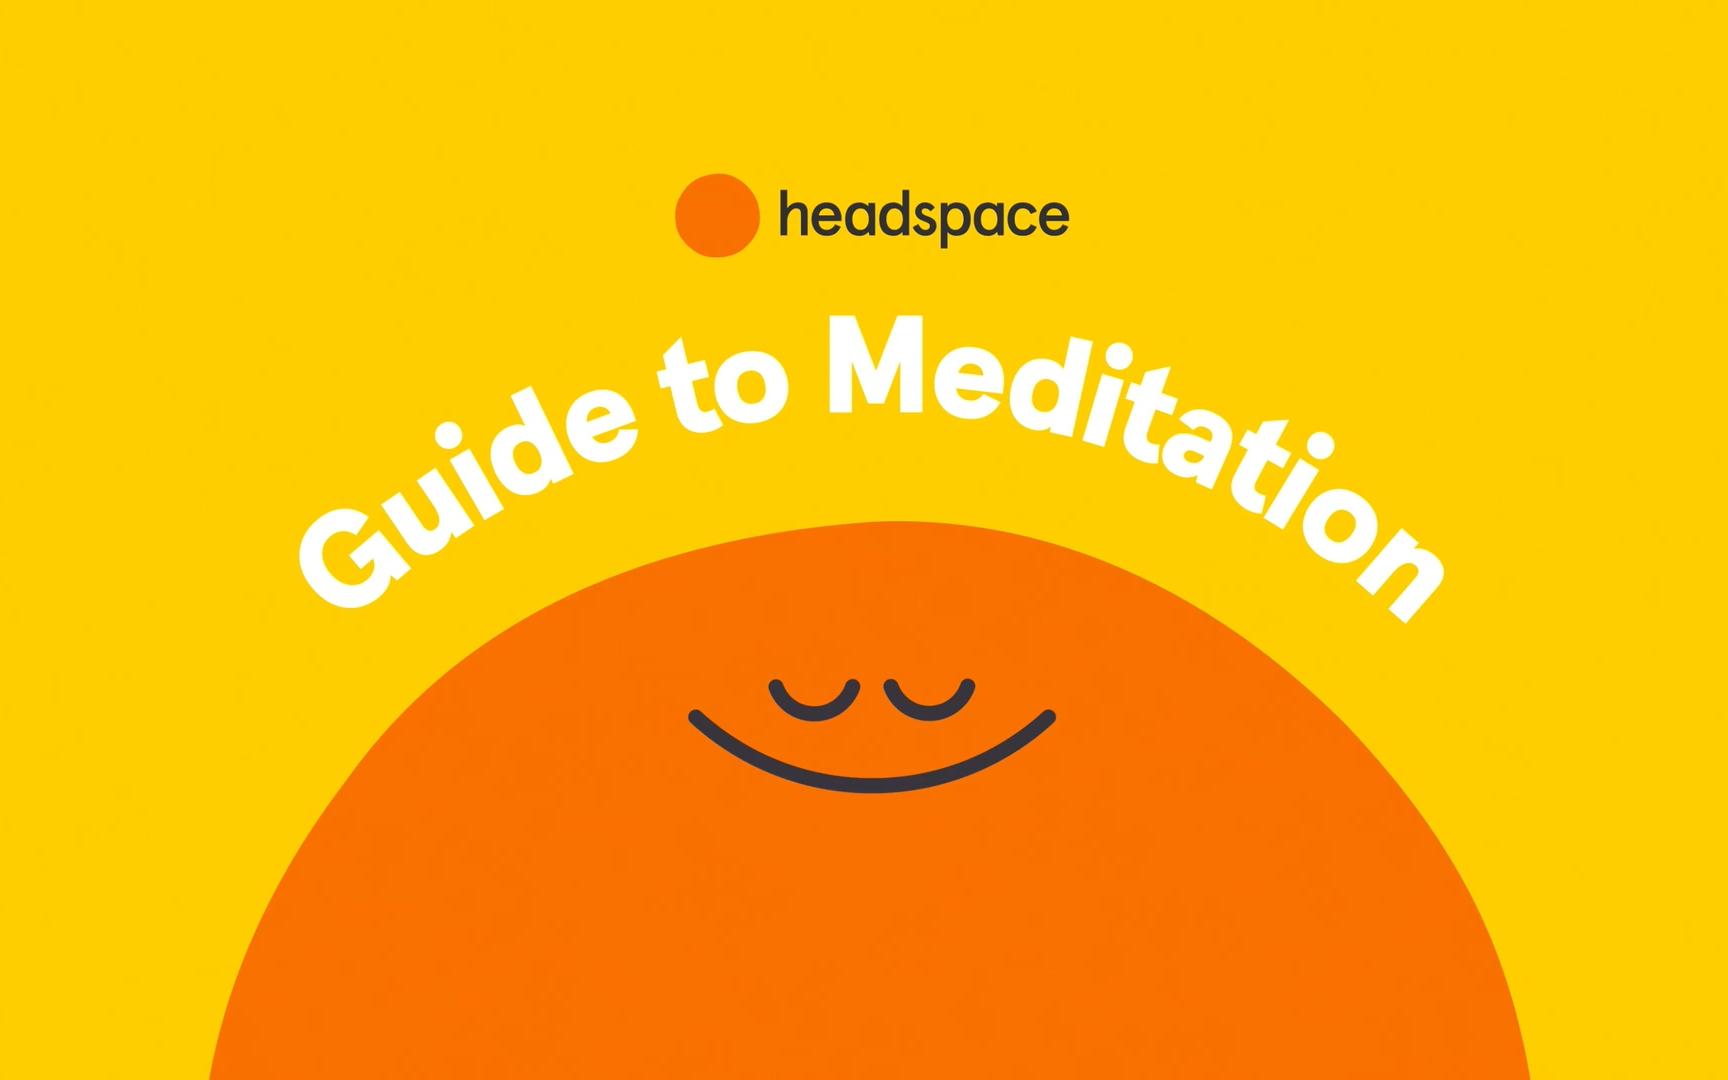 冥想正念附錄 Appendix to Meditation 中文語音(八):如何發揮無限潛能